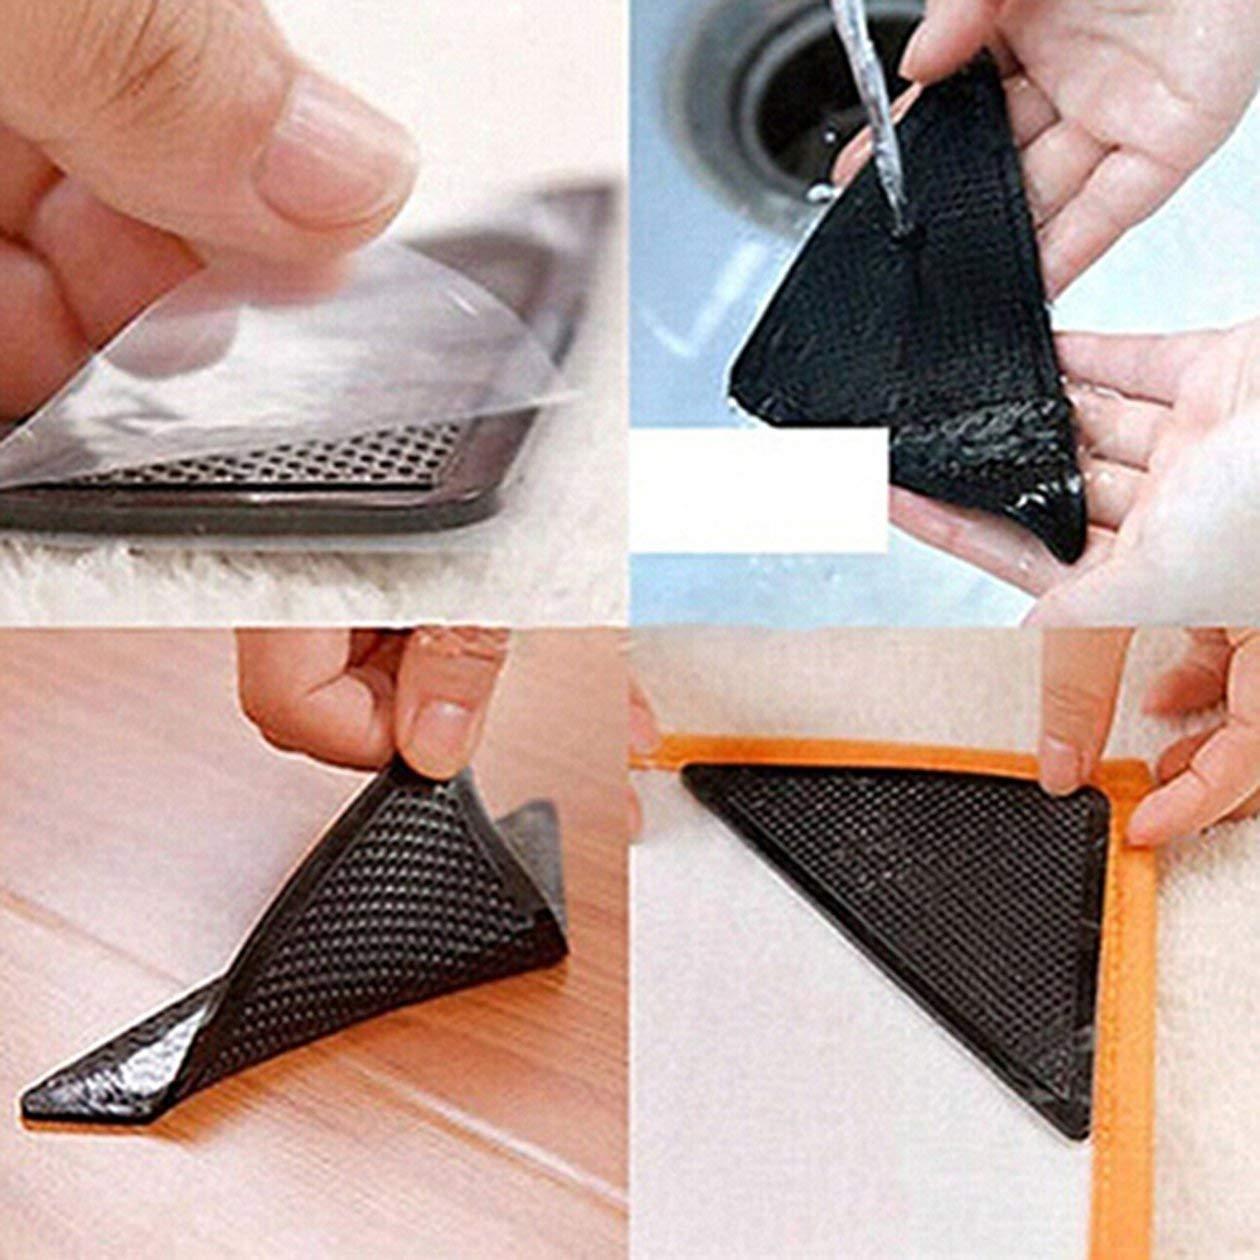 couleur: noir 4 tapis anti-d/érapants tapis tapis antid/érapants petits coins Coussin triangulaire lavable amovible adh/ésif puissant